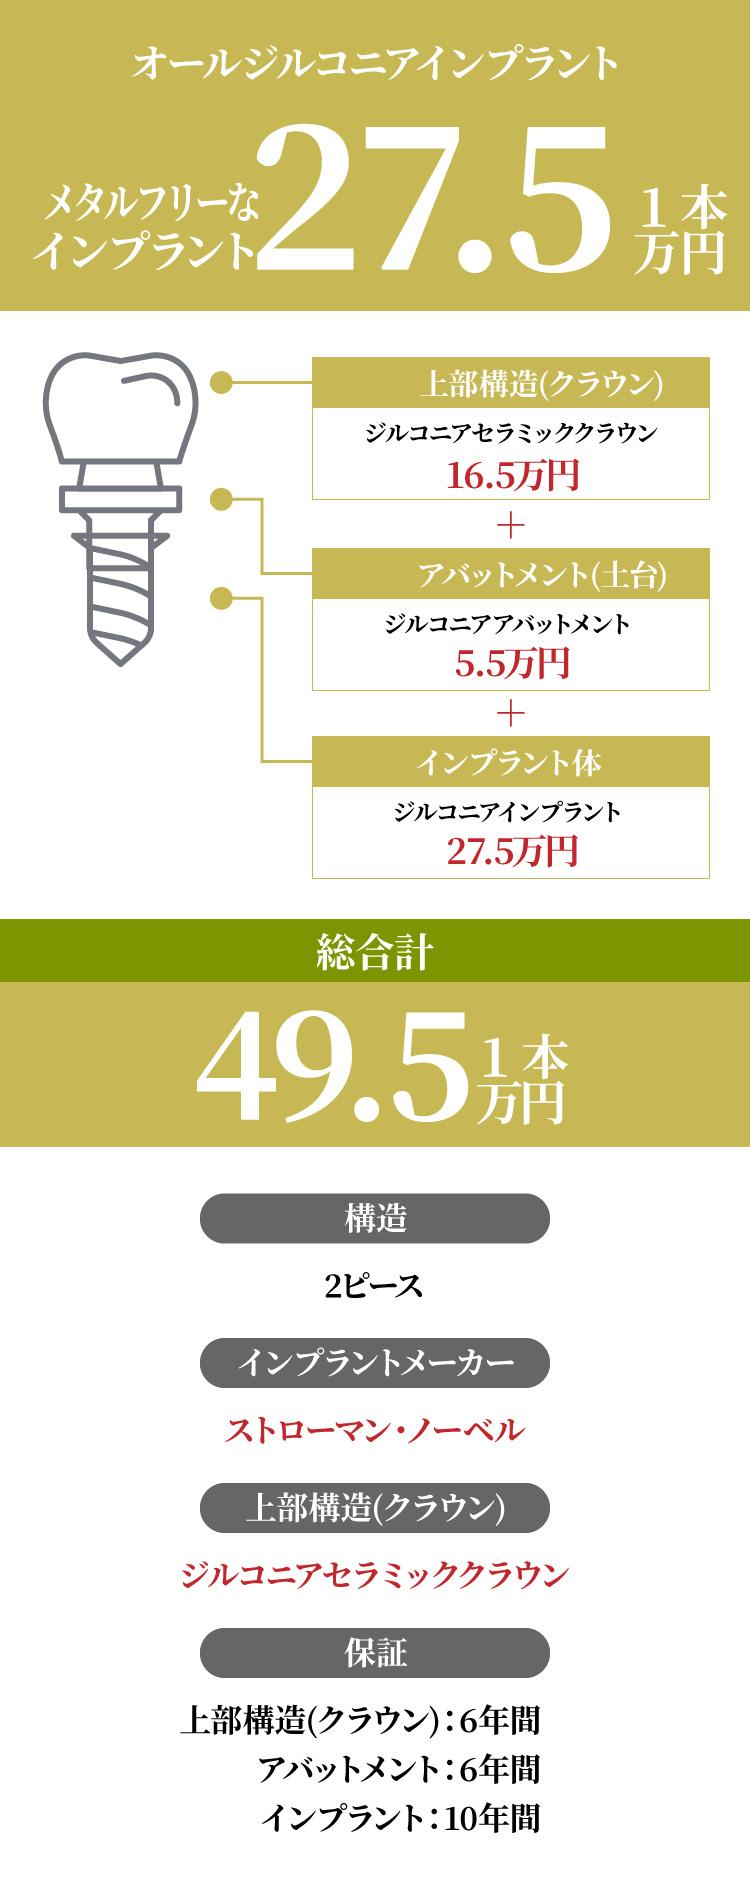 インプラント総額44万円